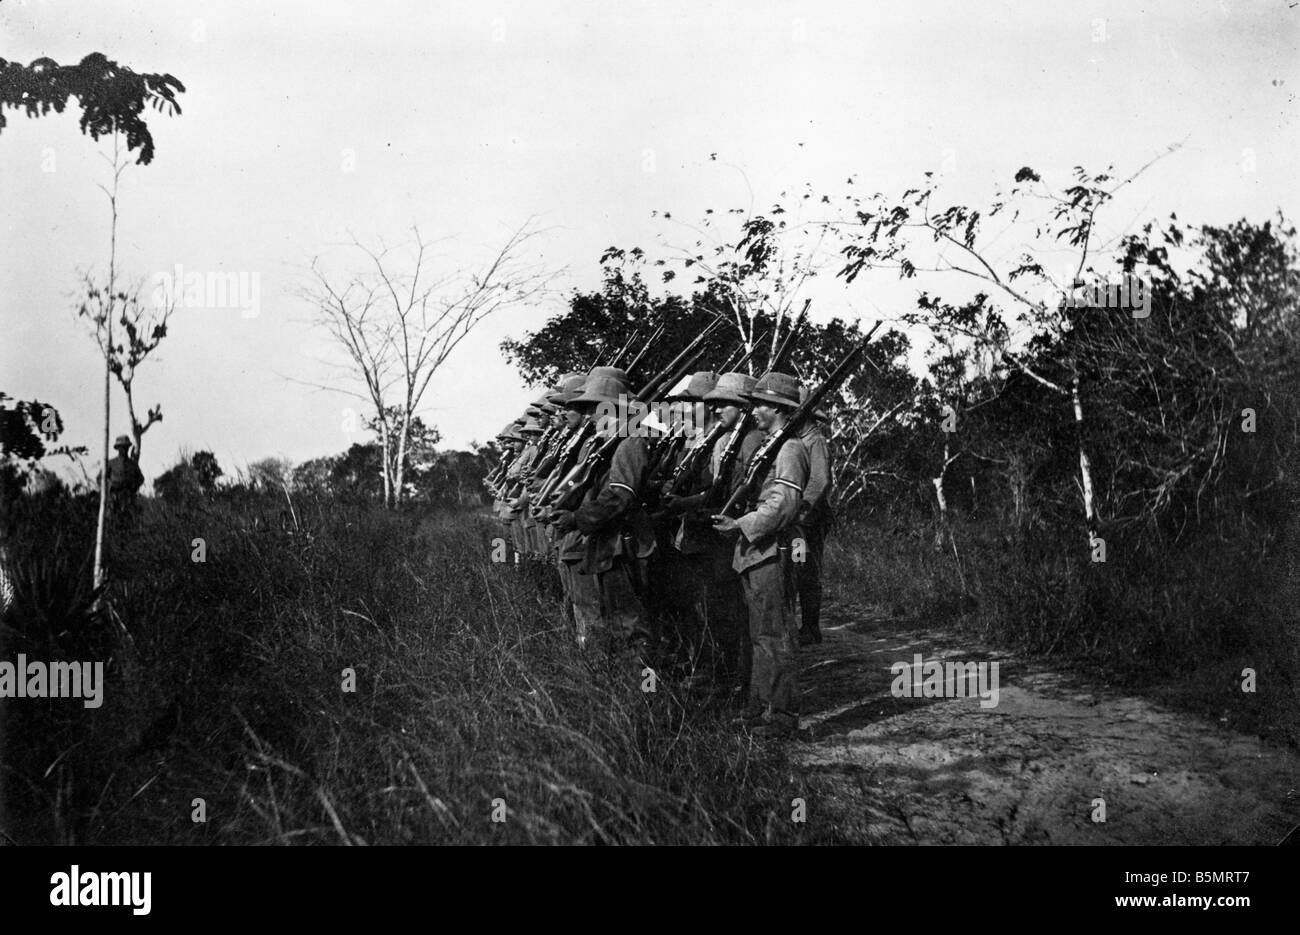 9AF 1914 0 0 A1 8 Ejercicio de campo oriental alemana tropas Af Guerra Mundial 1 guerra en las colonias de África Oriental Alemana ahora Tanzania Campo Foto de stock